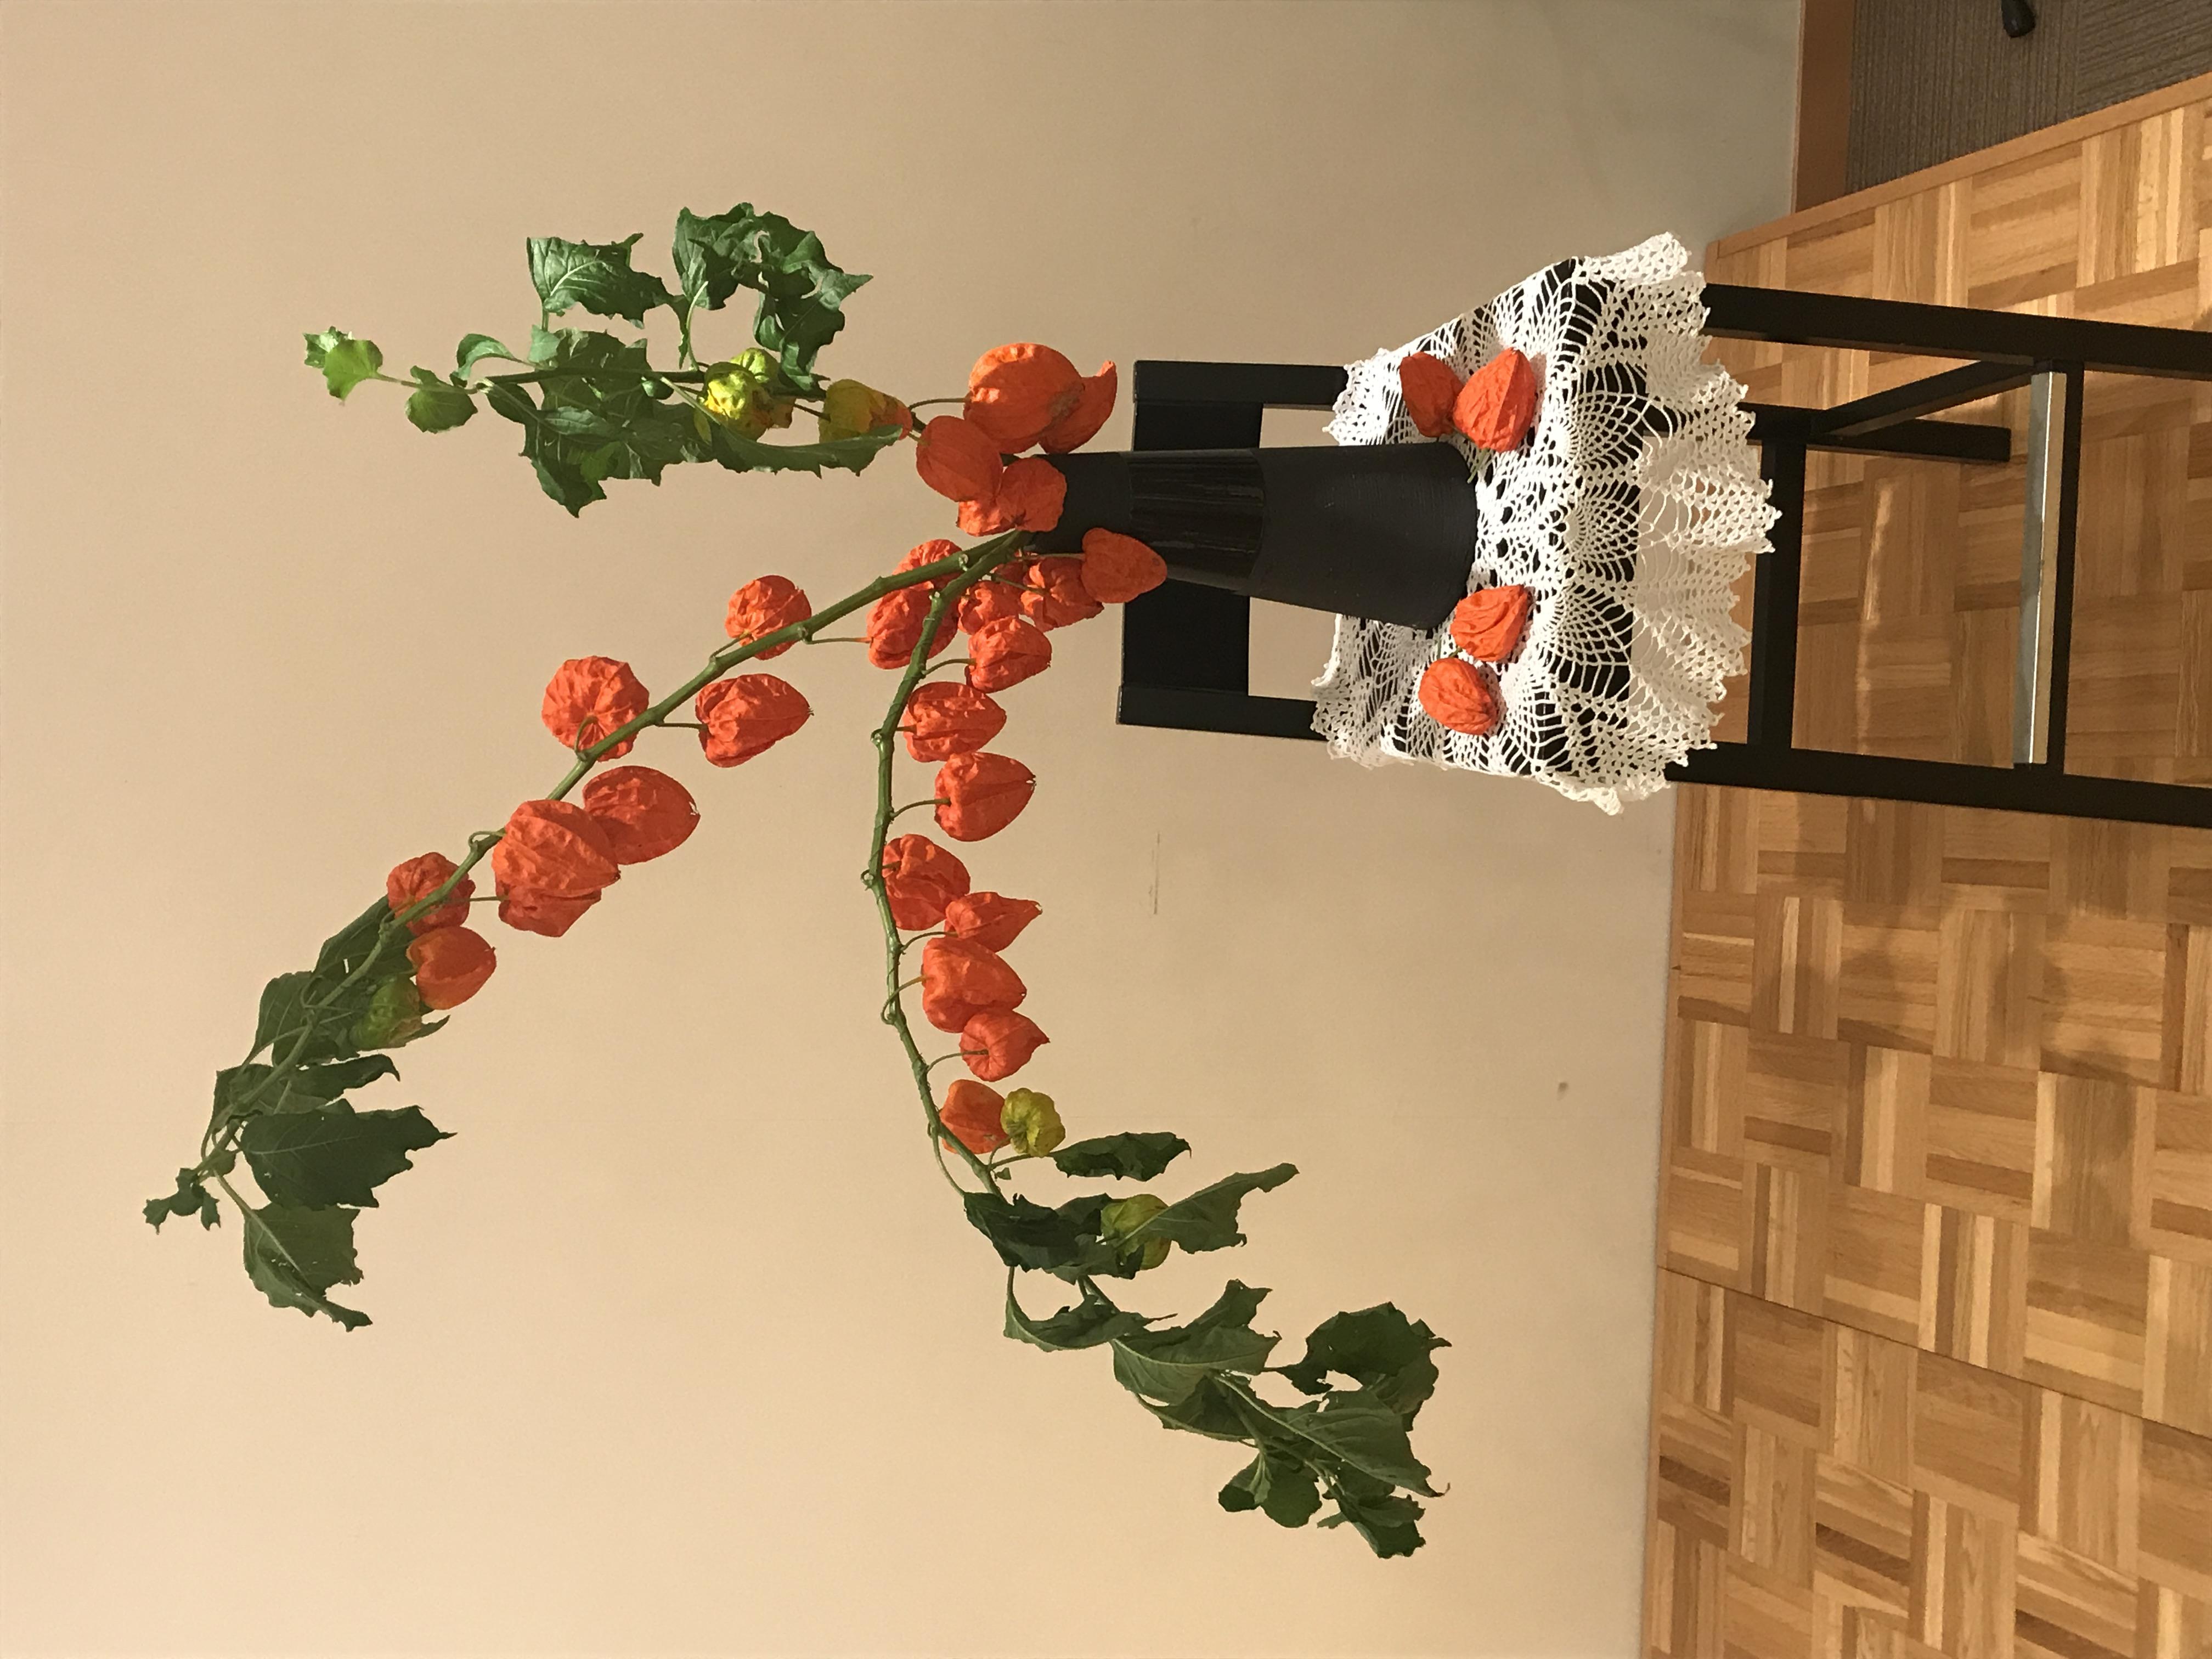 2017/08/13、聖日礼拝のお花